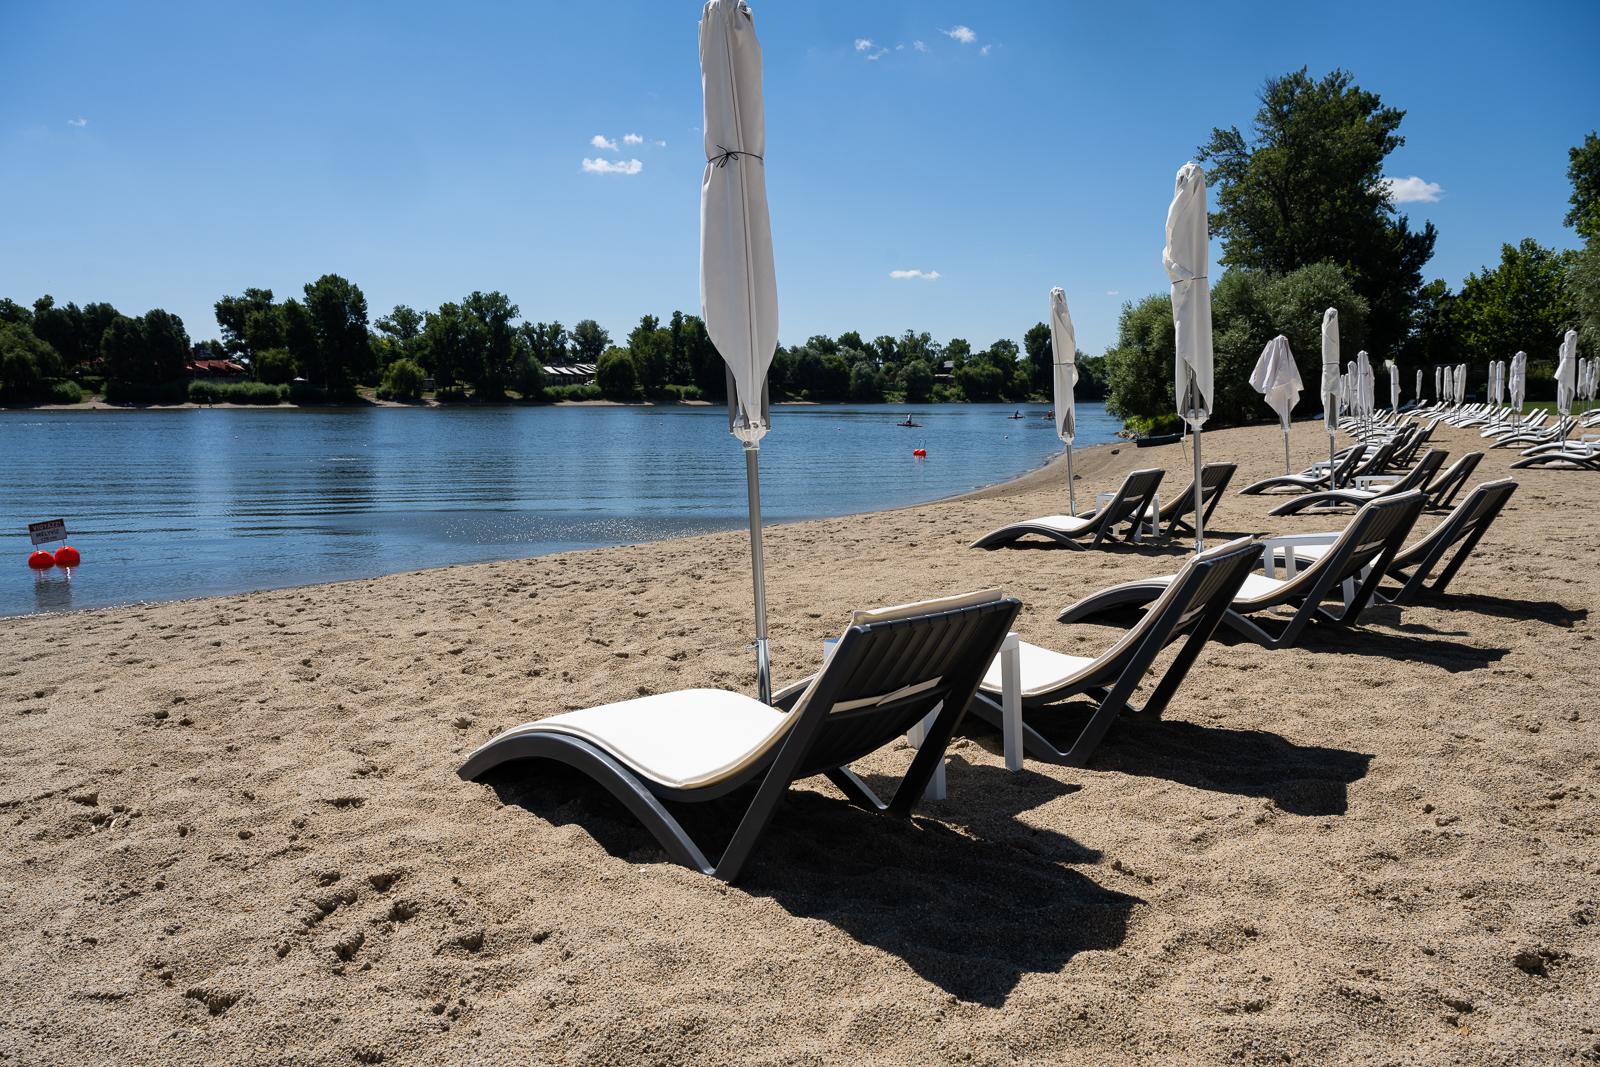 Tengerparti hangulatot idéz Budapest első szabadvízi strandja, a SHO Beach